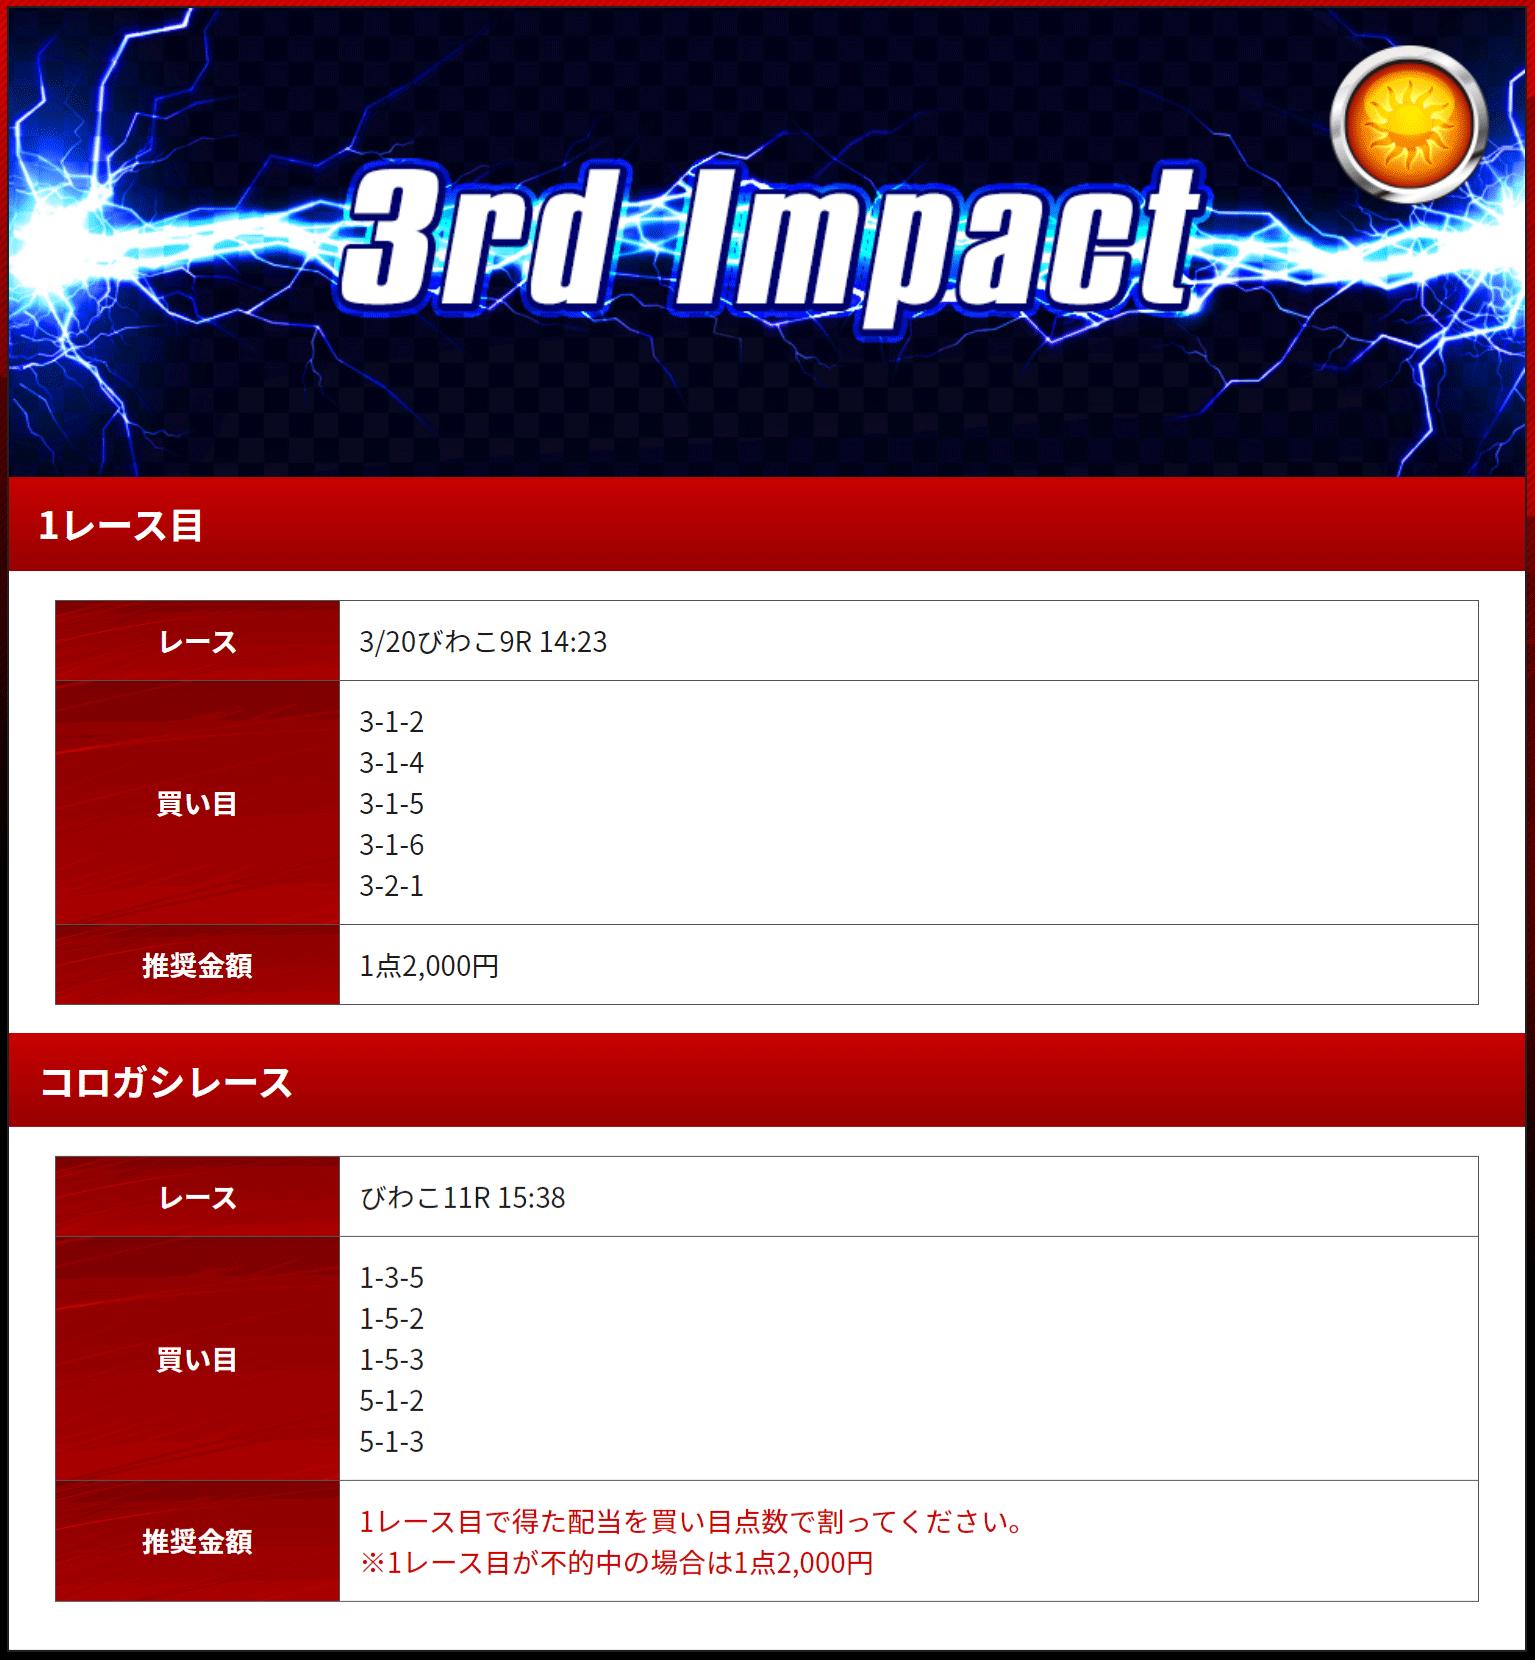 優良競艇予想サイト 競艇IMPACT(競艇インパクト)の有料プラン「3rd Impact(デイ)」2020年3月20日買い目 競艇予想サイトの口コミ検証や無料情報の予想結果も公開中